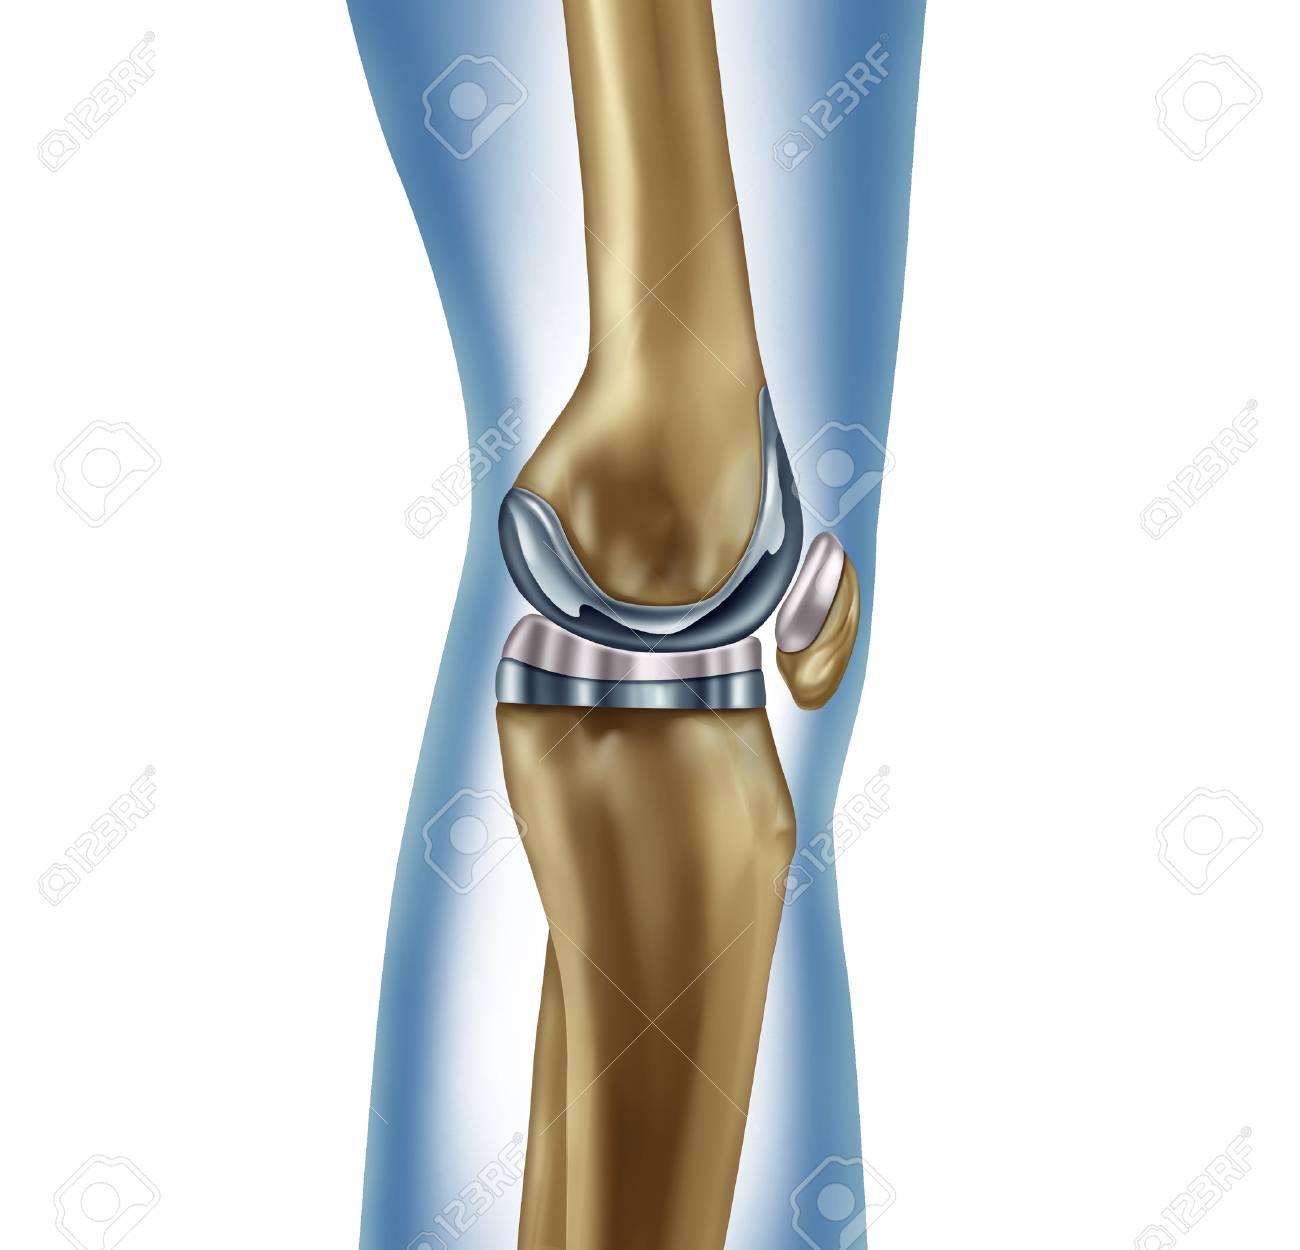 Reemplazo Implante De Rodilla Concepto Médico Como Una Anatomía De ...